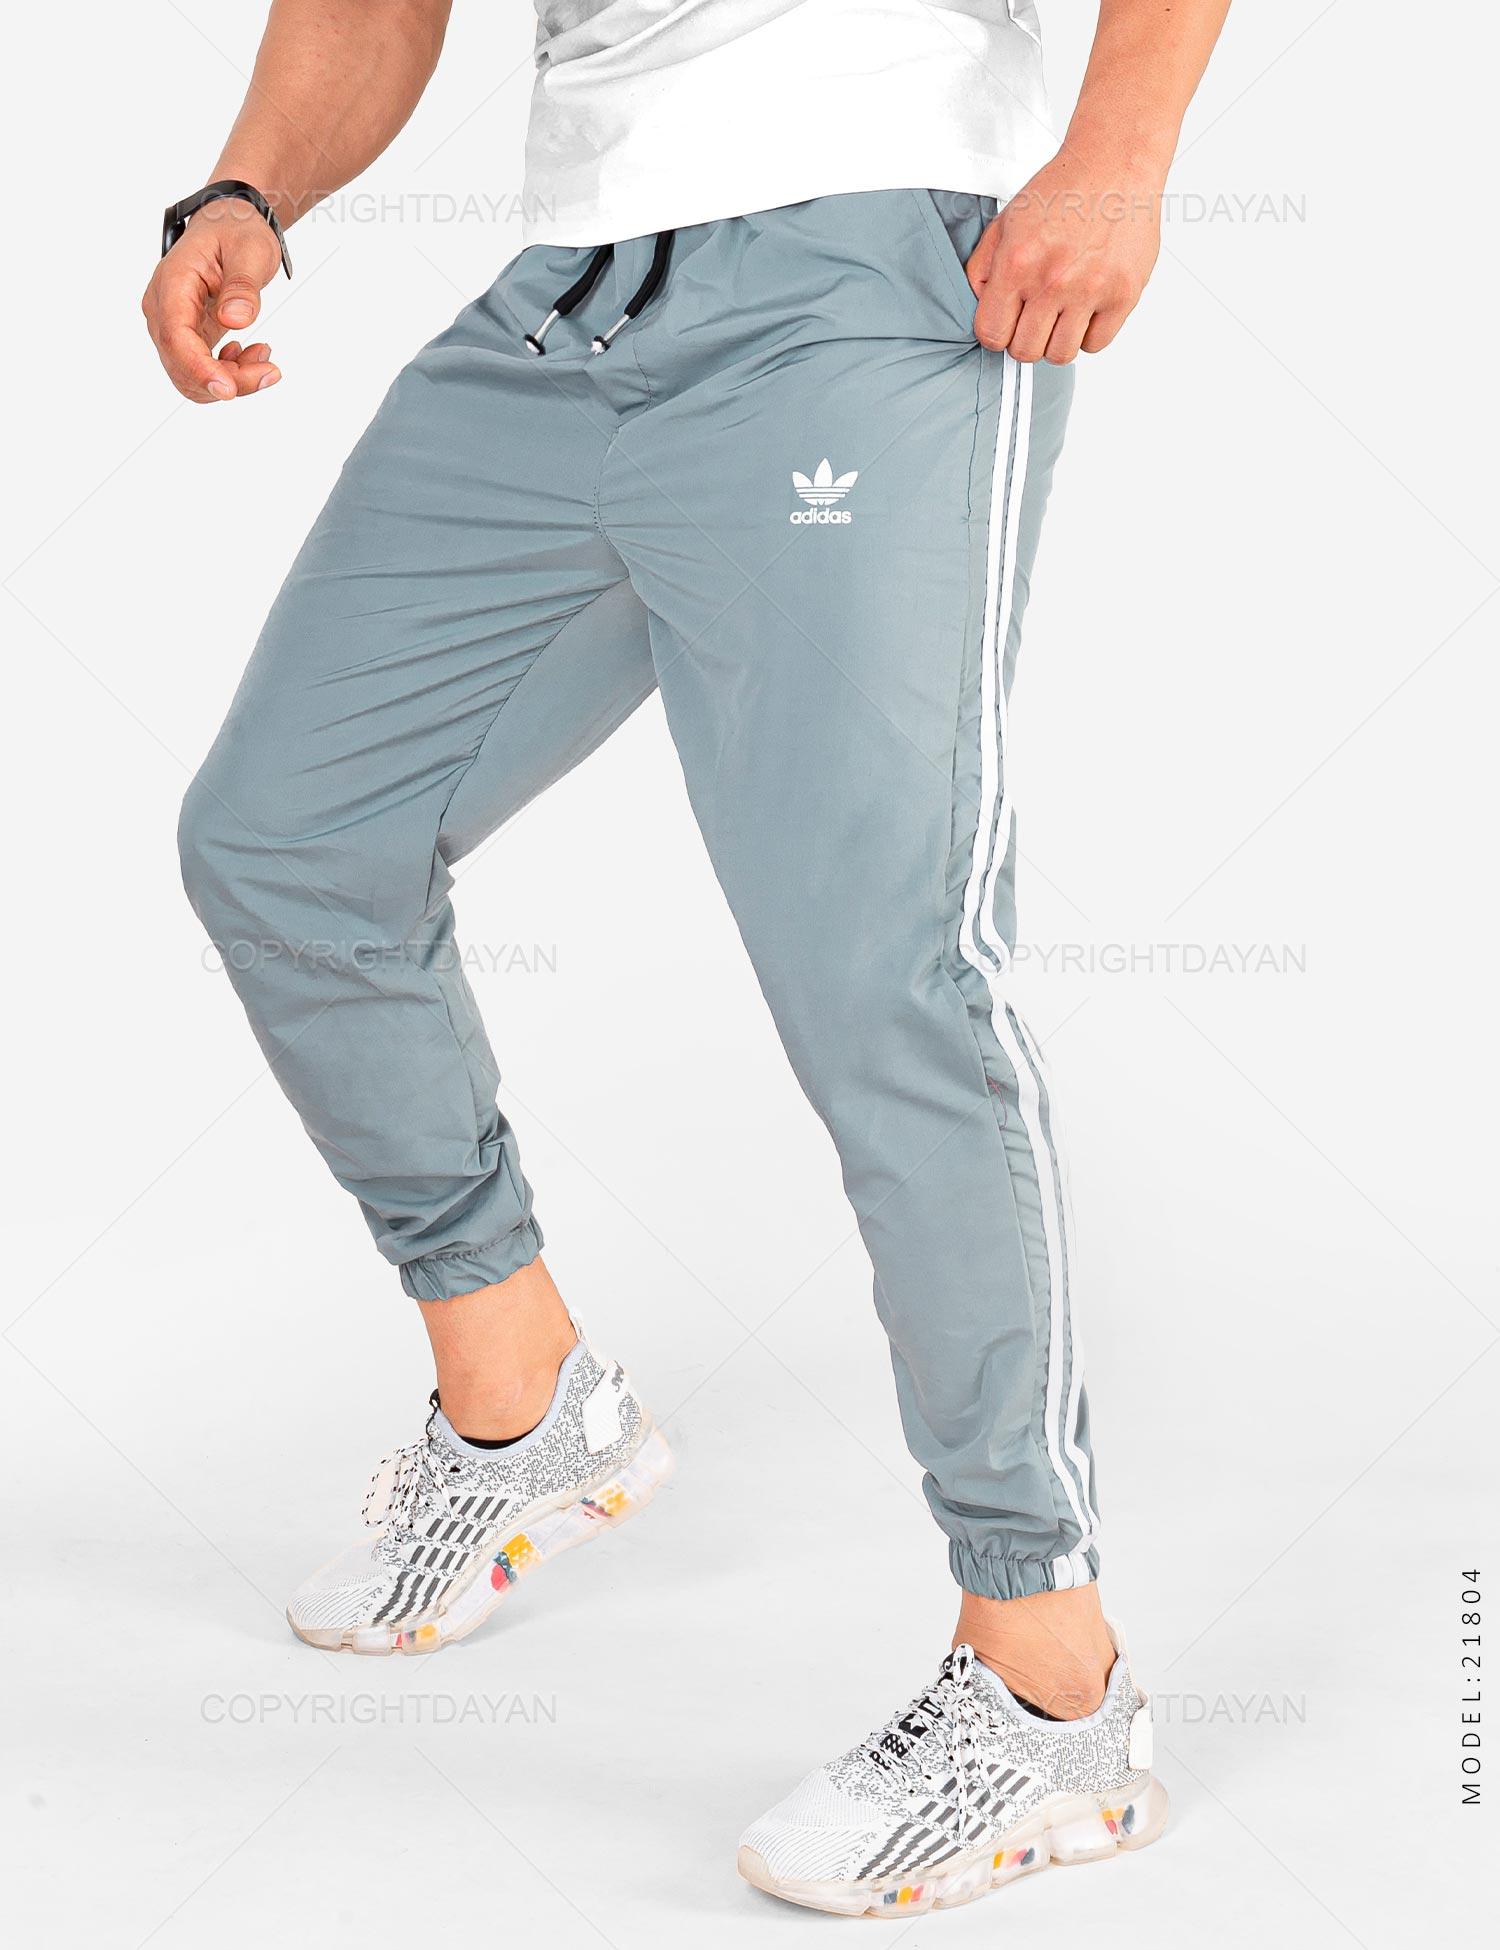 شلوار اسلش مردانه Adidas مدل 21804 شلوار اسلش مردانه Adidas مدل 21804 169,000 تومان